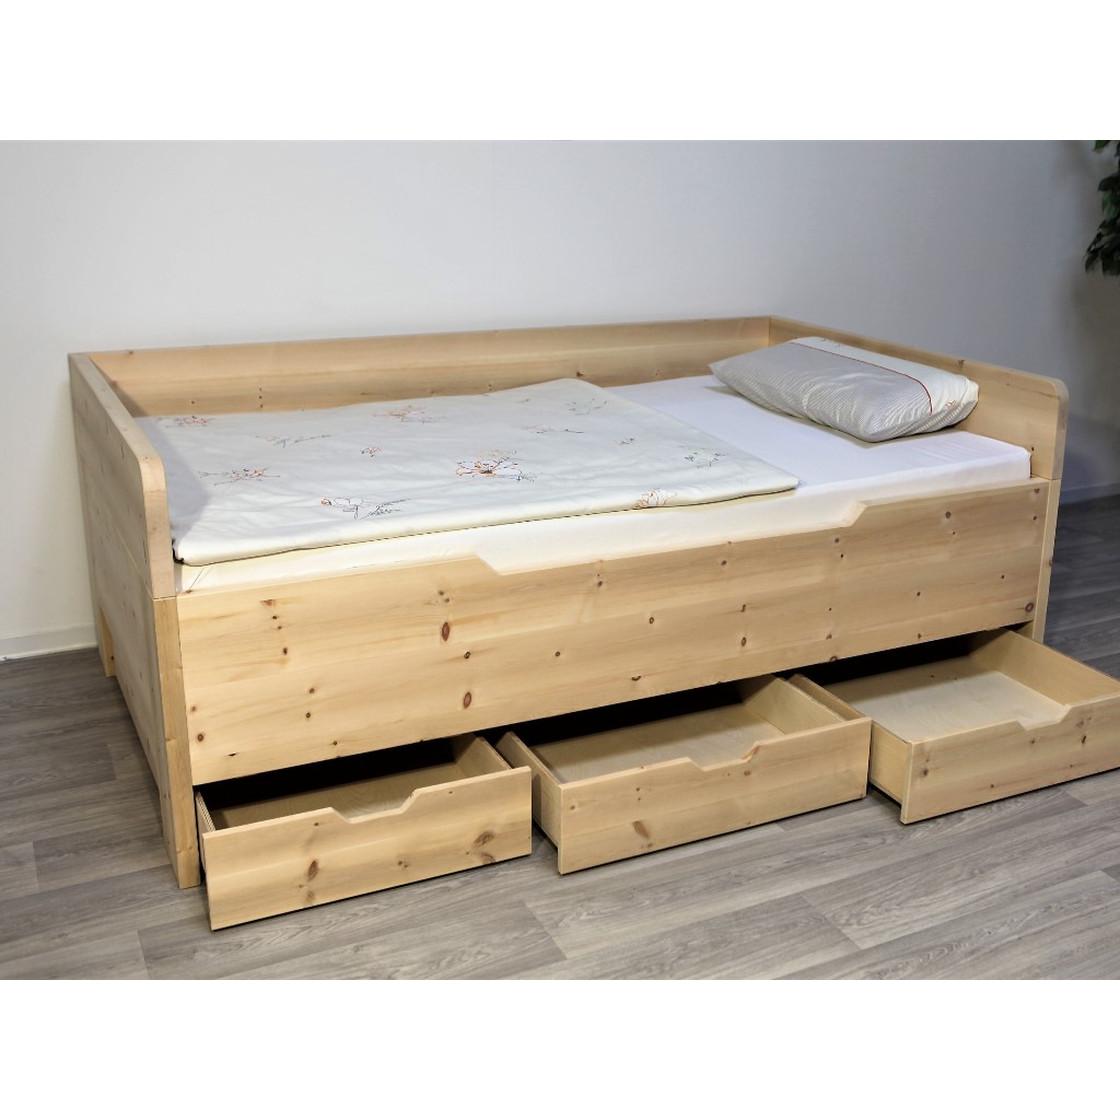 Full Size of Massivholzbett Stauraumwunder Weissensee Mw St Bett 200x200 Mit Bettkasten Stauraum Komforthöhe Weiß Betten Wohnzimmer Stauraumbett 200x200